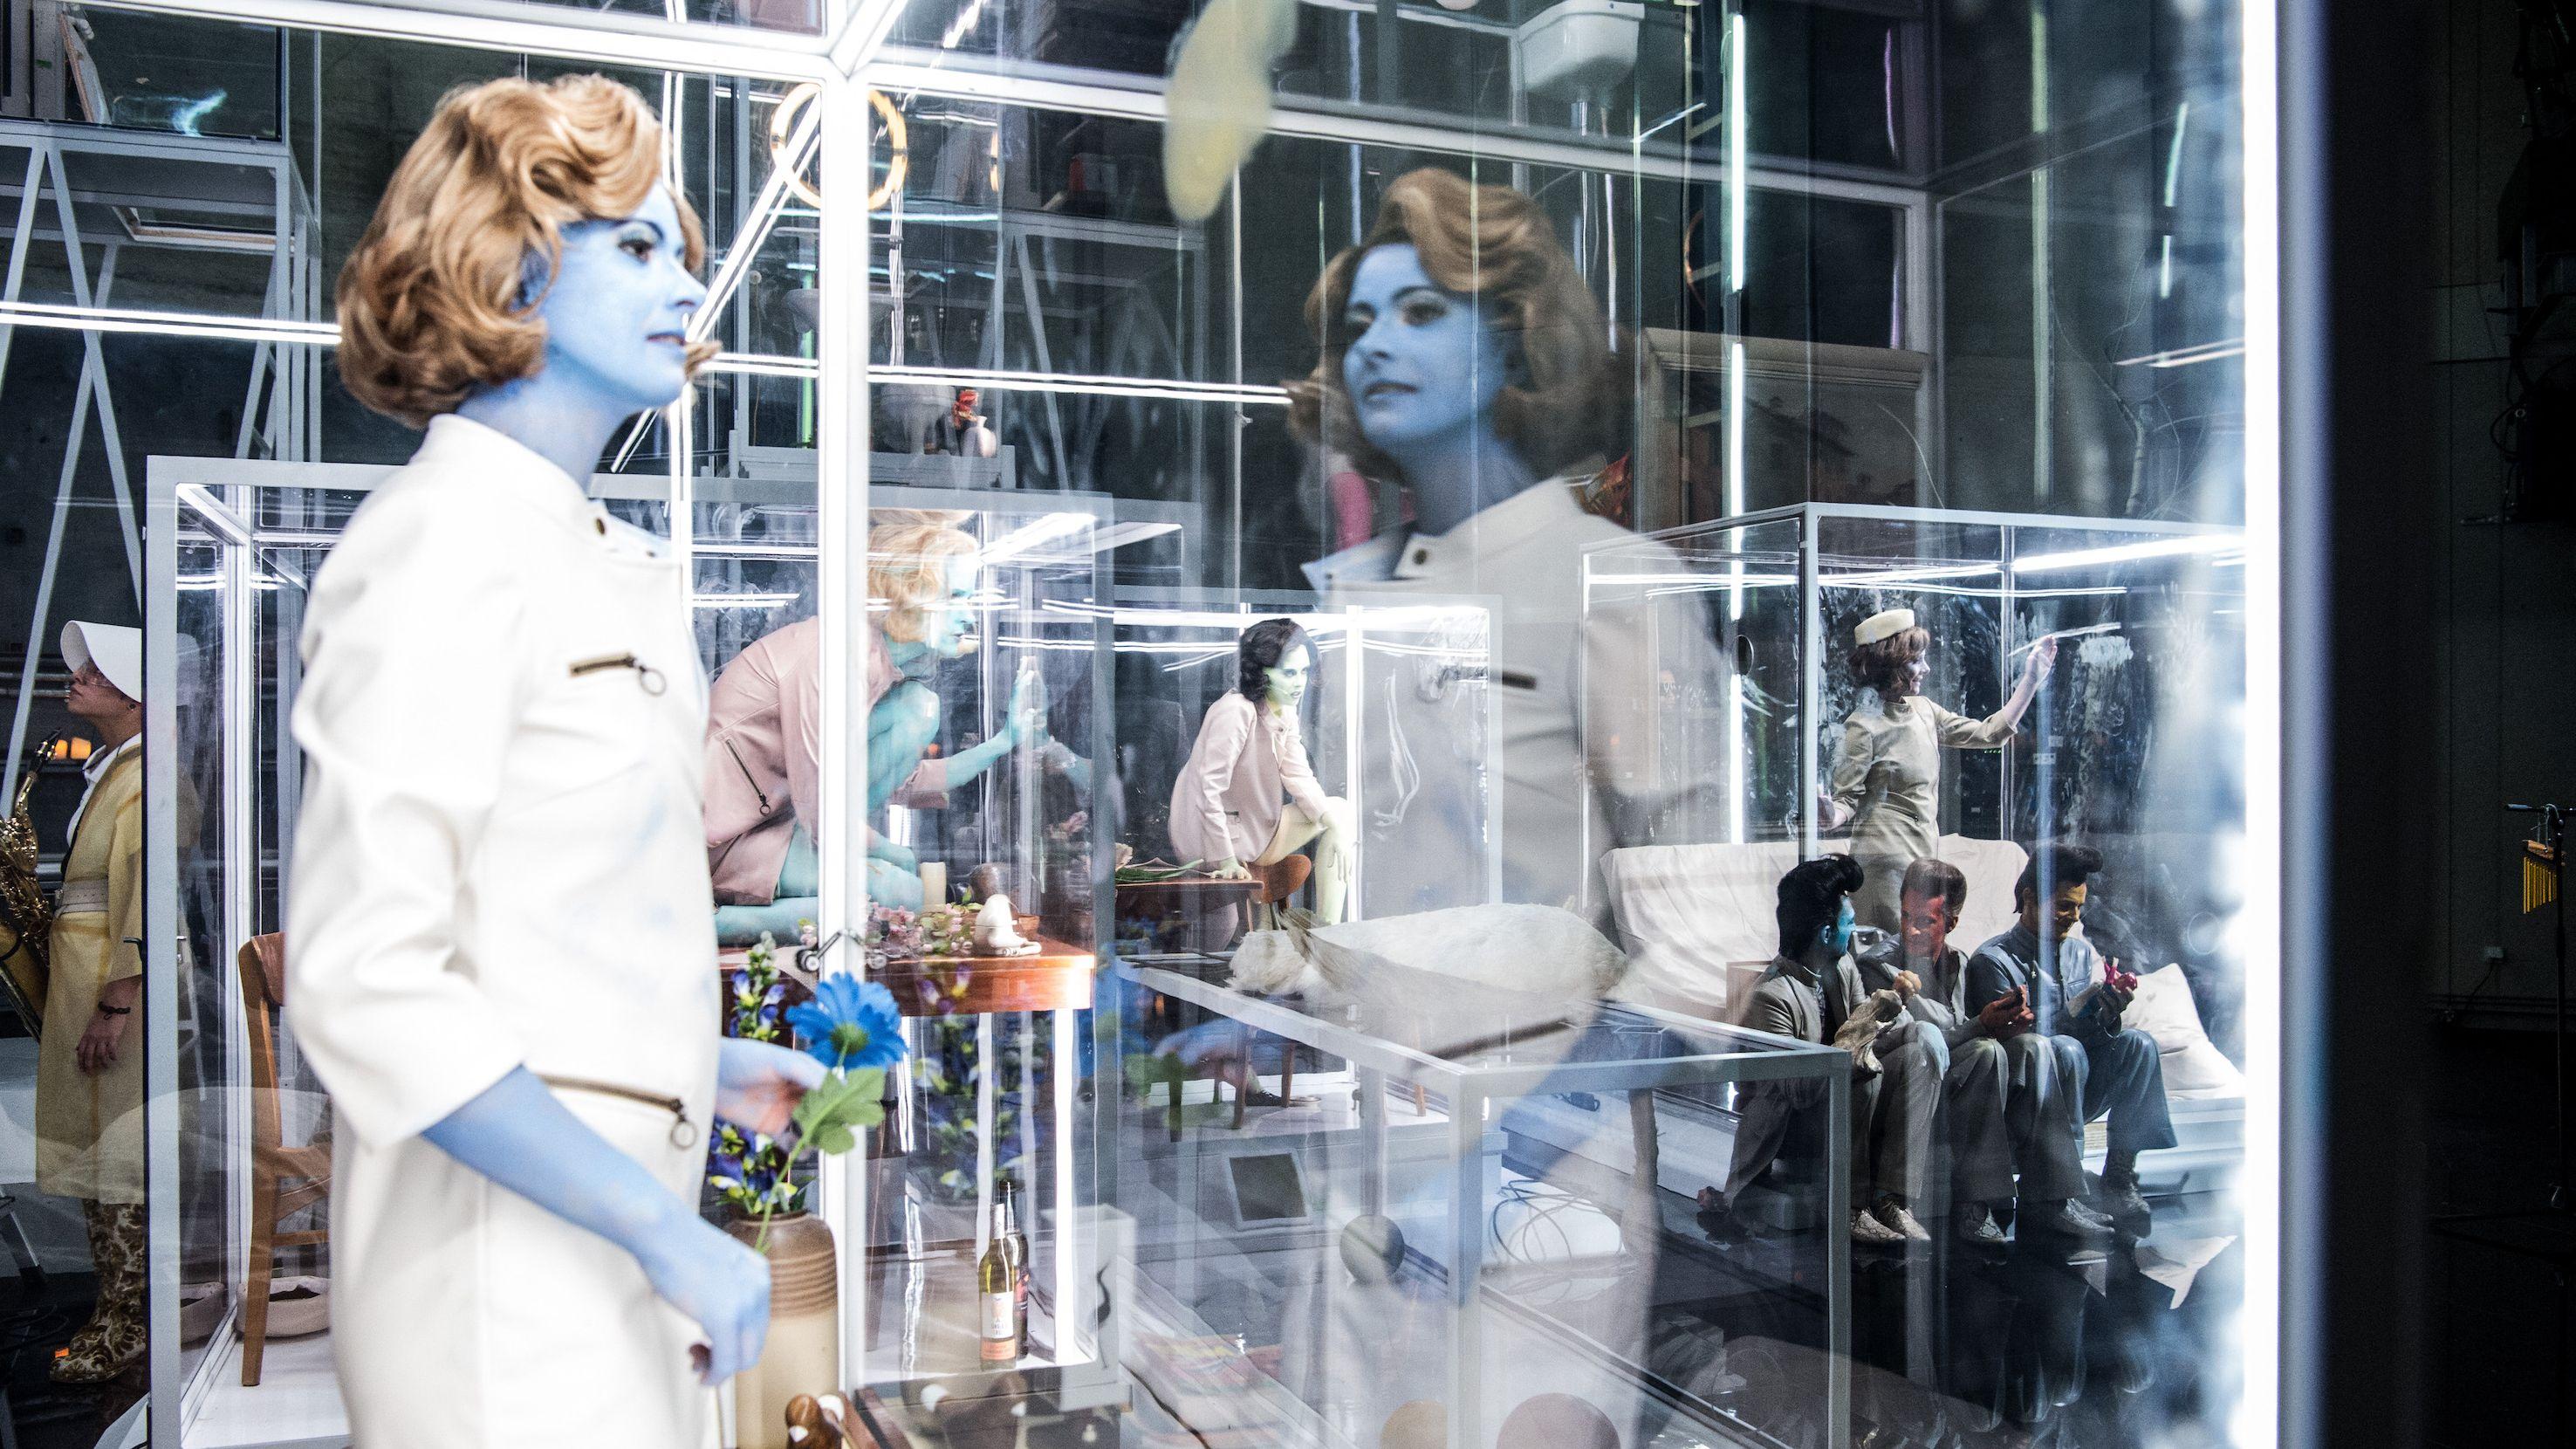 Auf der Bühne sind mehre weibliche Darstellerinnen in Glaskästen zu sehen. Sie wirken wie Schaufensterpuppen.